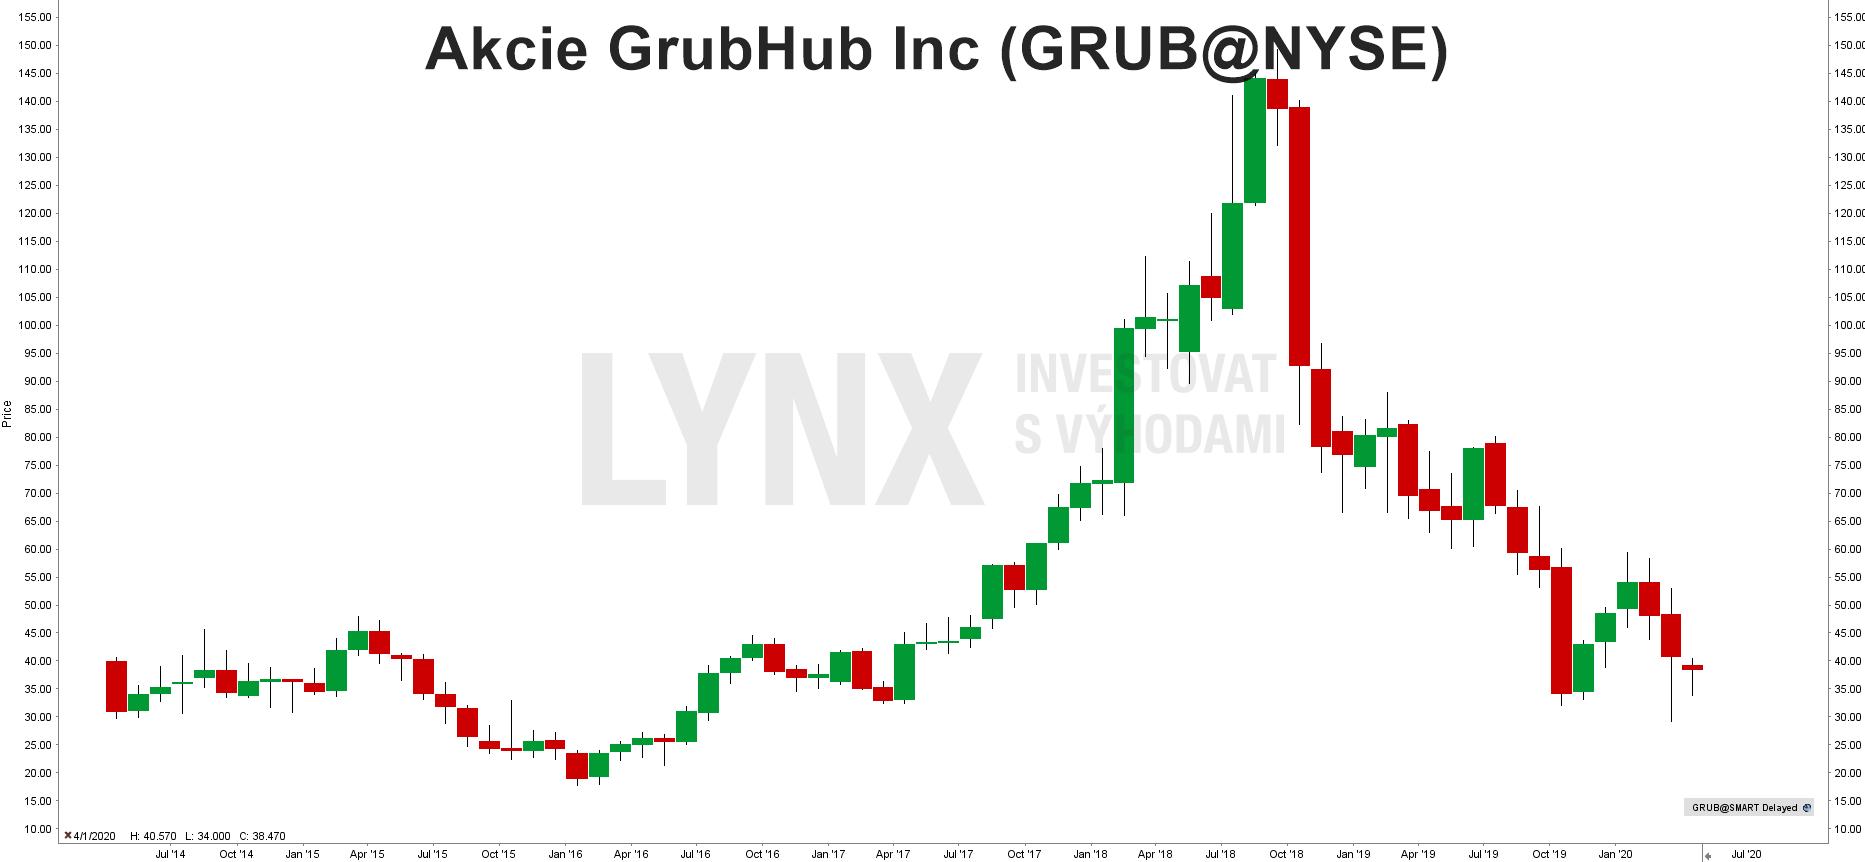 Graf akcie GrubHub